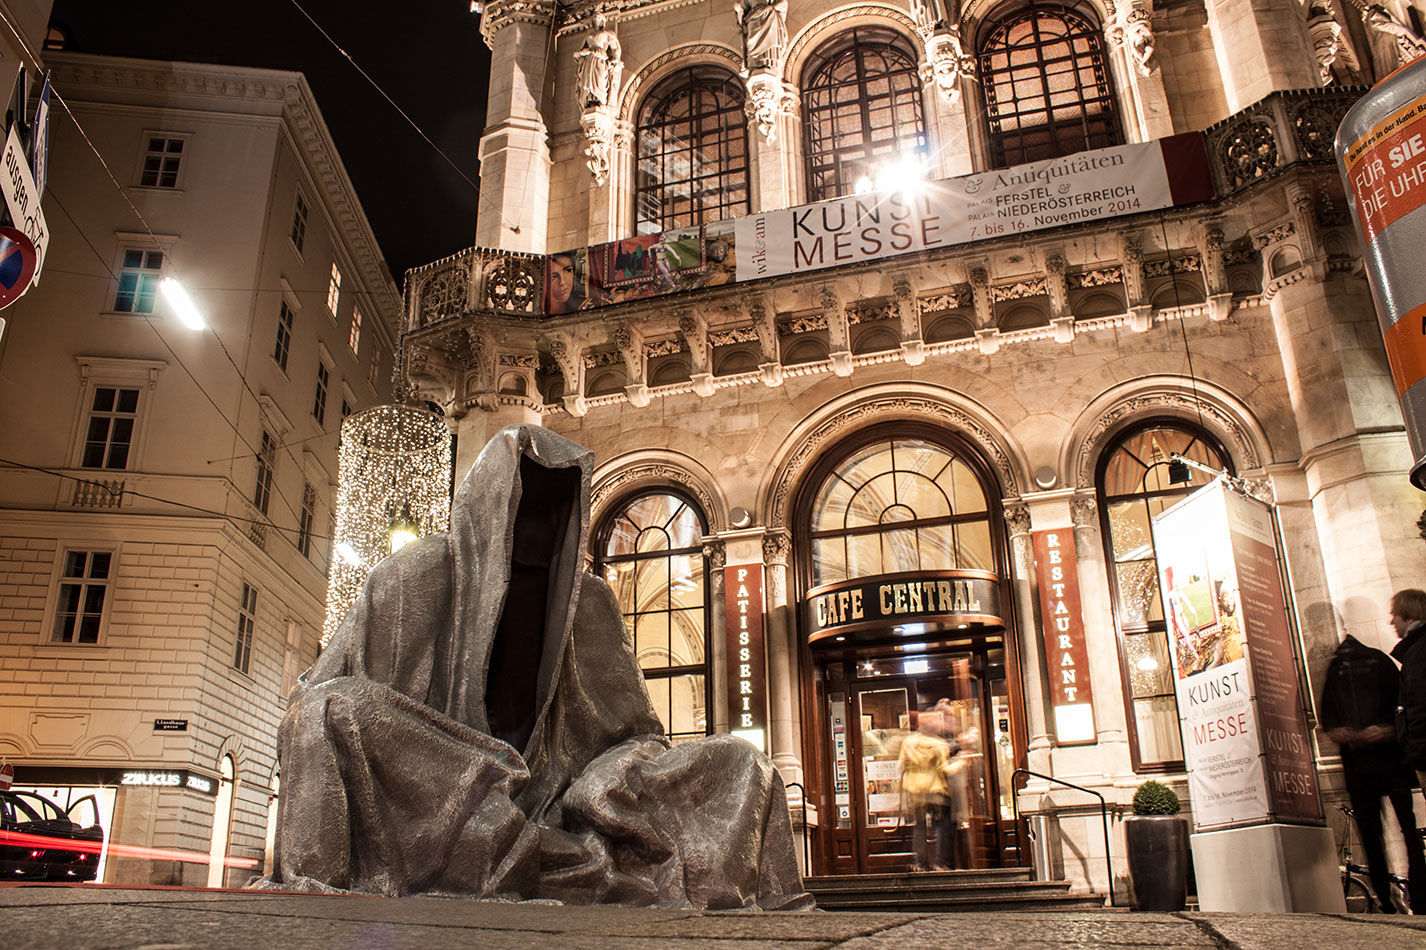 wikam-wiener-internationale-kunst-und-antiquitaetenmesse-art-and-antique-fair-vienna-guardians-of-time-manfred-kili-kielnhofer-contemporary-fine-art-design-4928